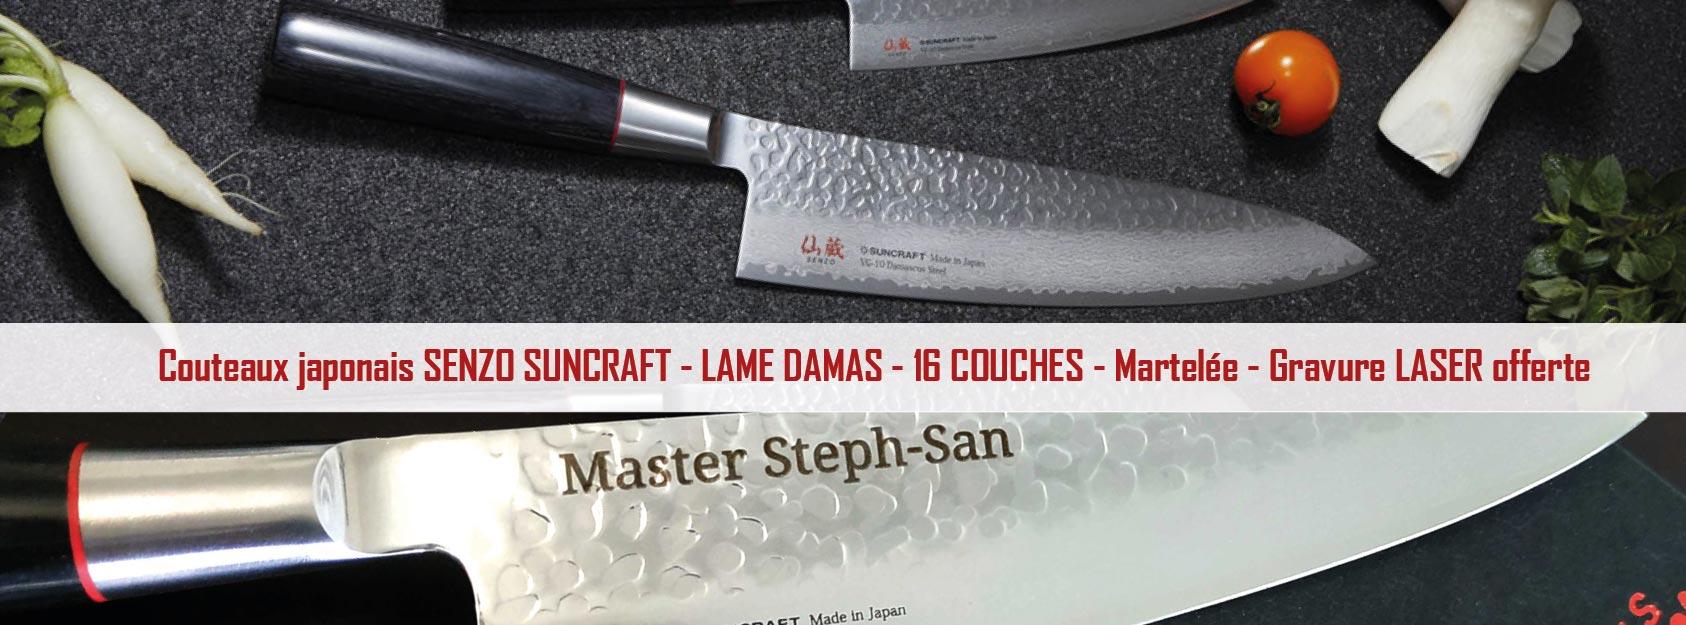 Collection de couteaux japonais Suncraft